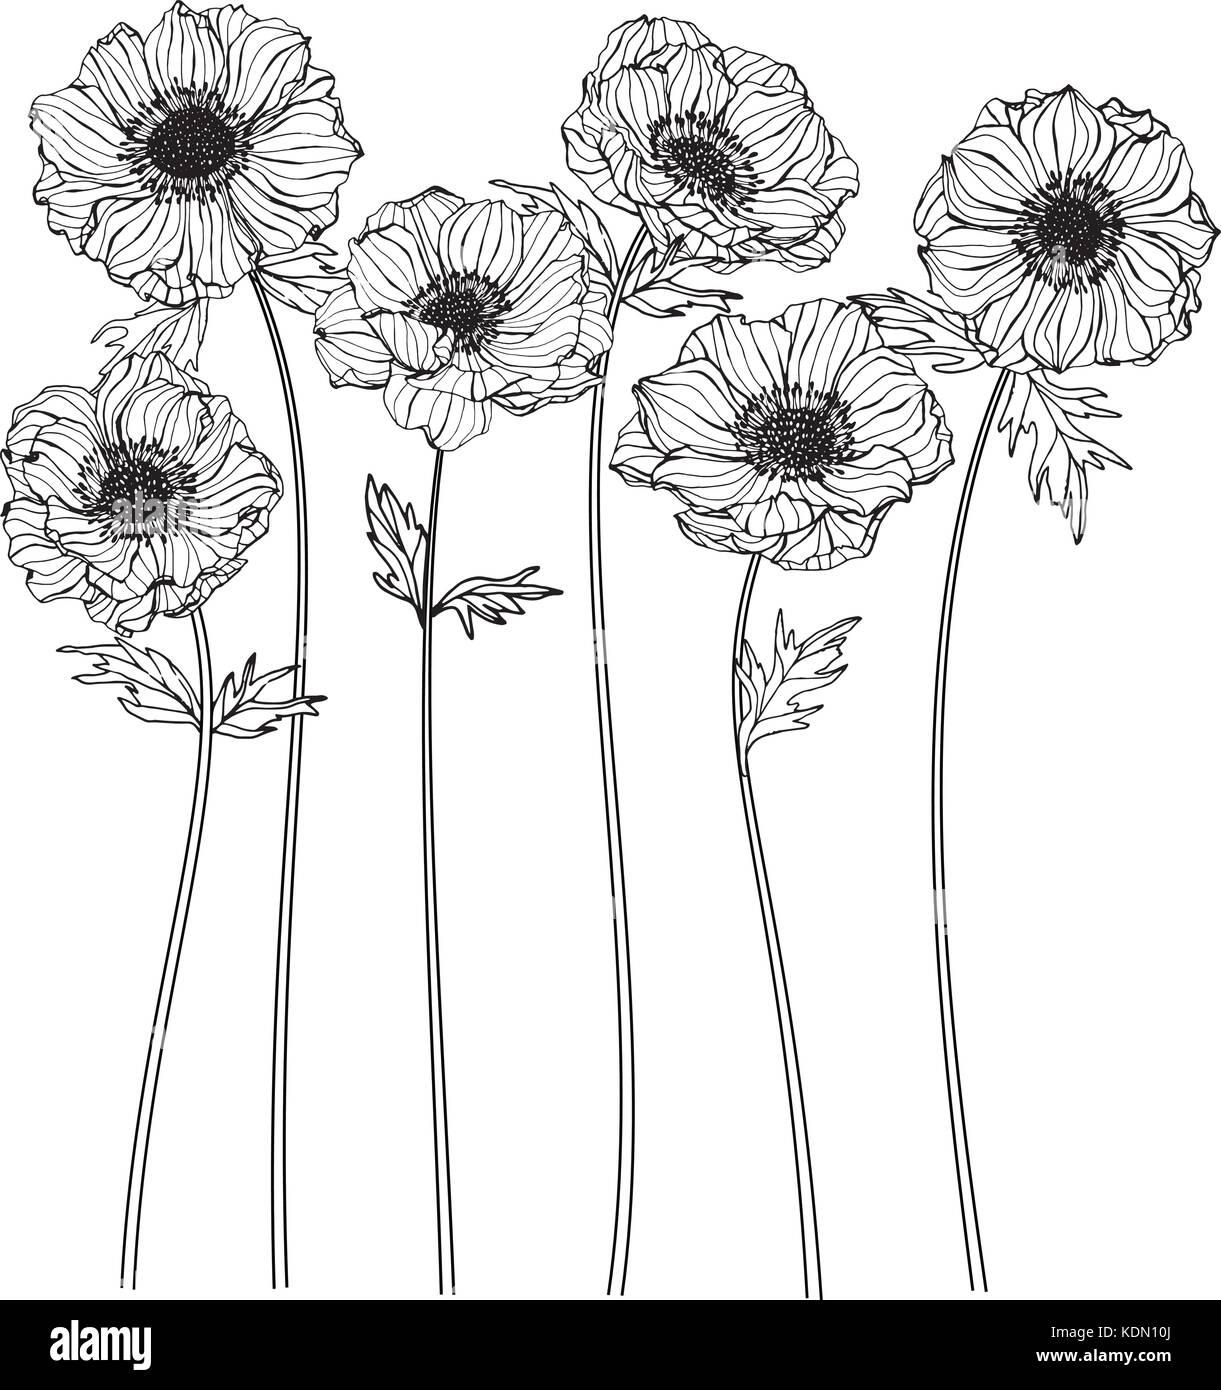 Dessin De Fleurs Anémone Illustration Noir Et Blanc Avec